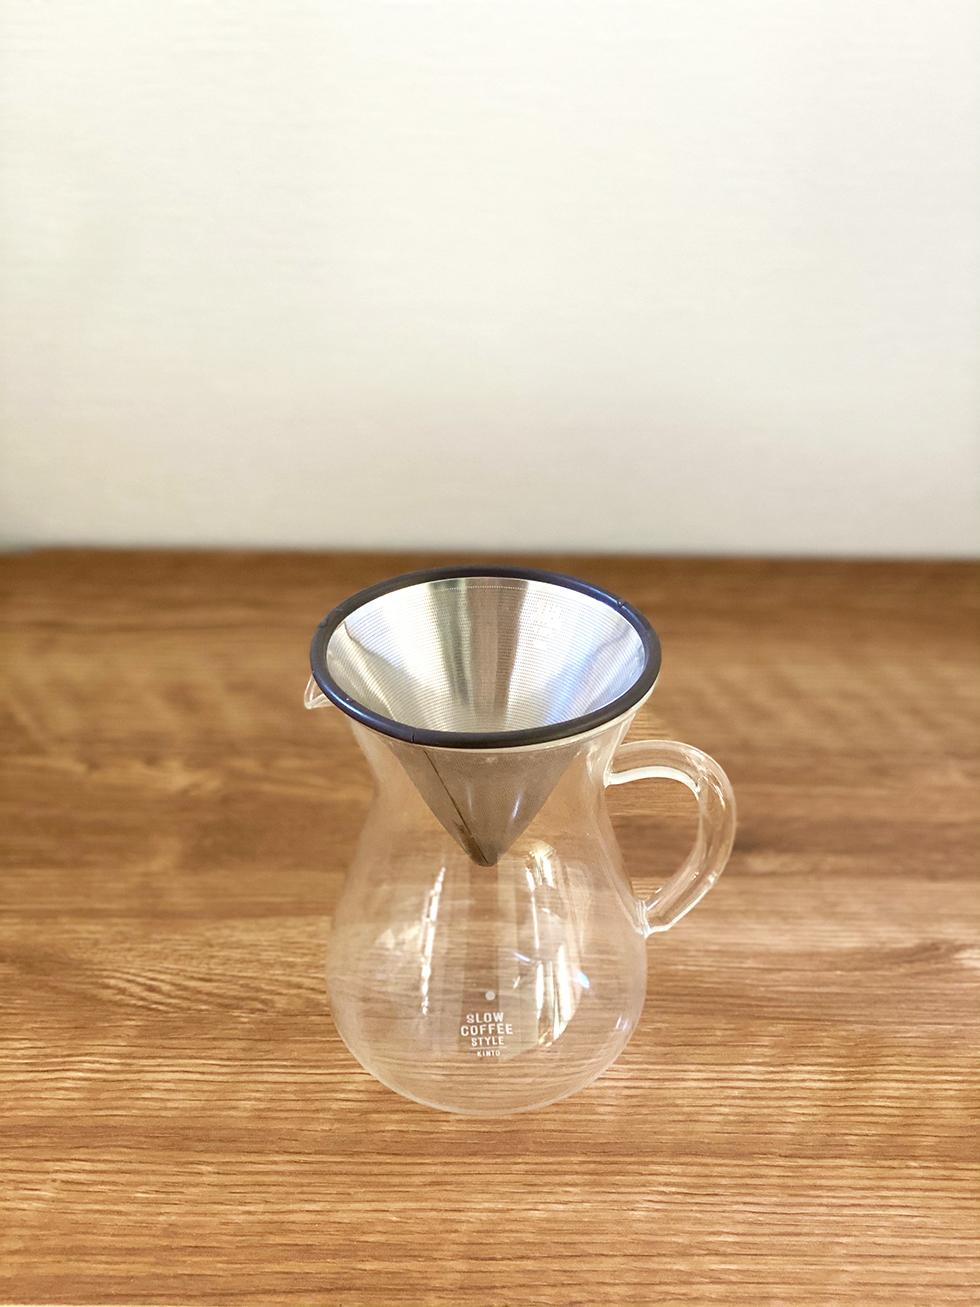 KINTO コーヒーカラフェセット 2cups ステンレス